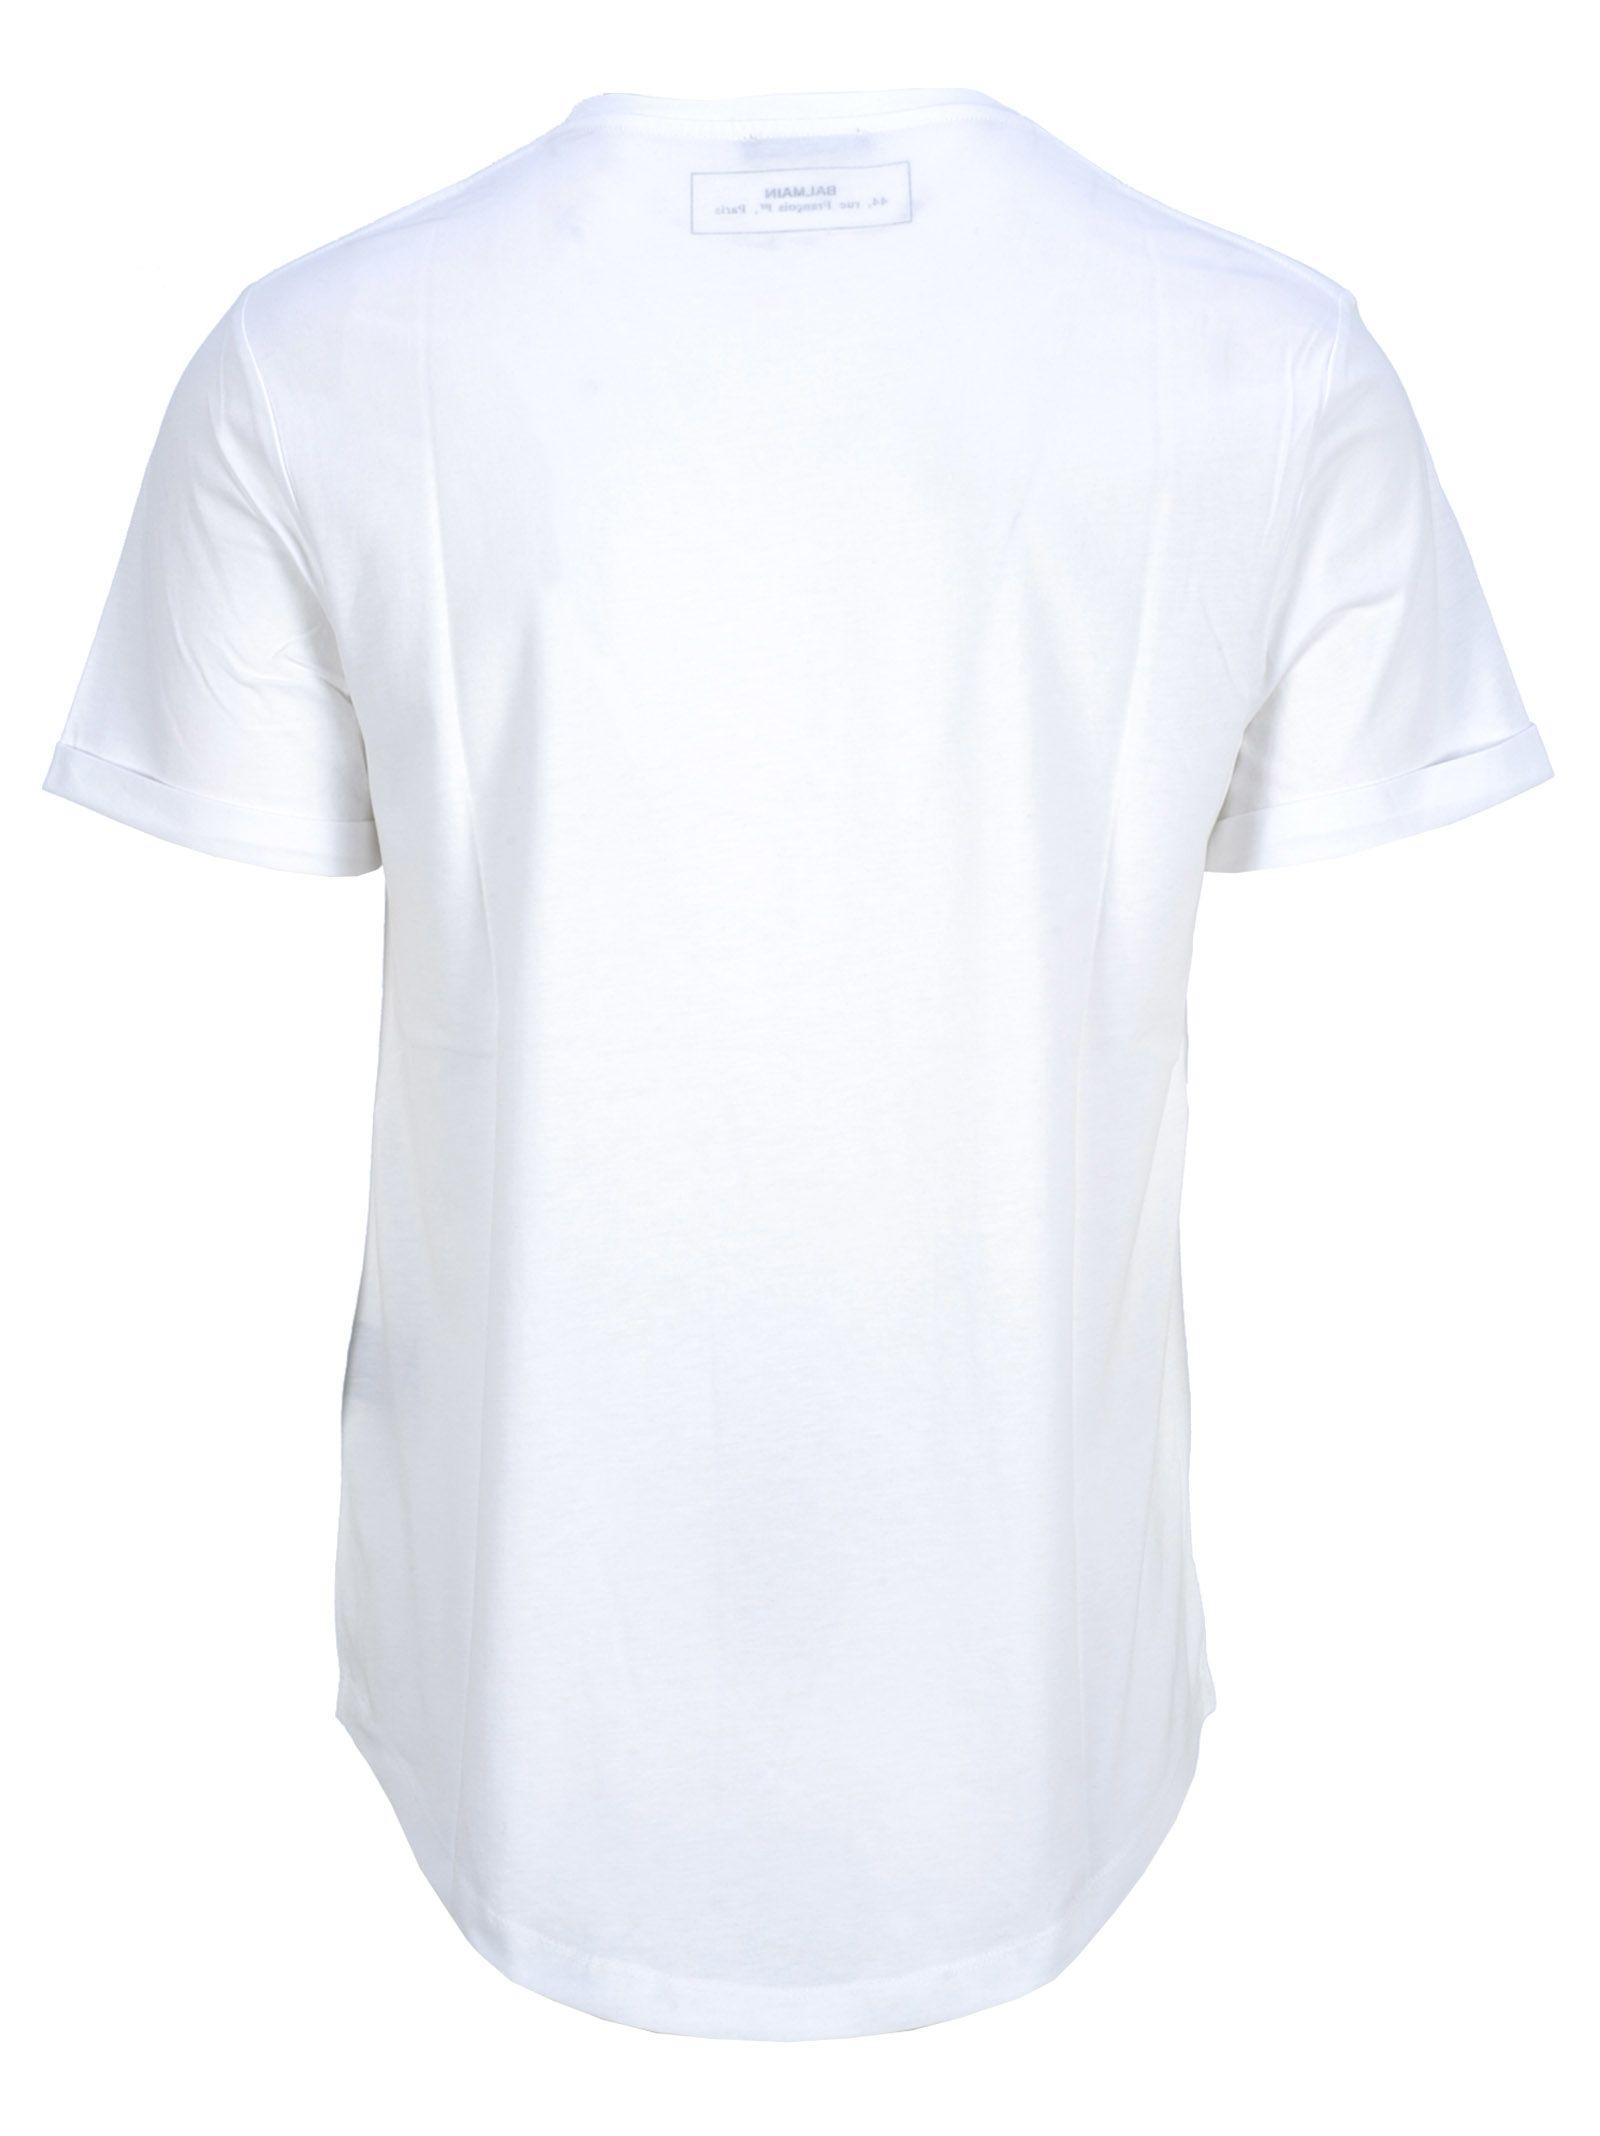 ea0f46c9a93c57 Balmain Balmain Balmain Round Logo Printed T-shirt - WHITE + SILVER ...